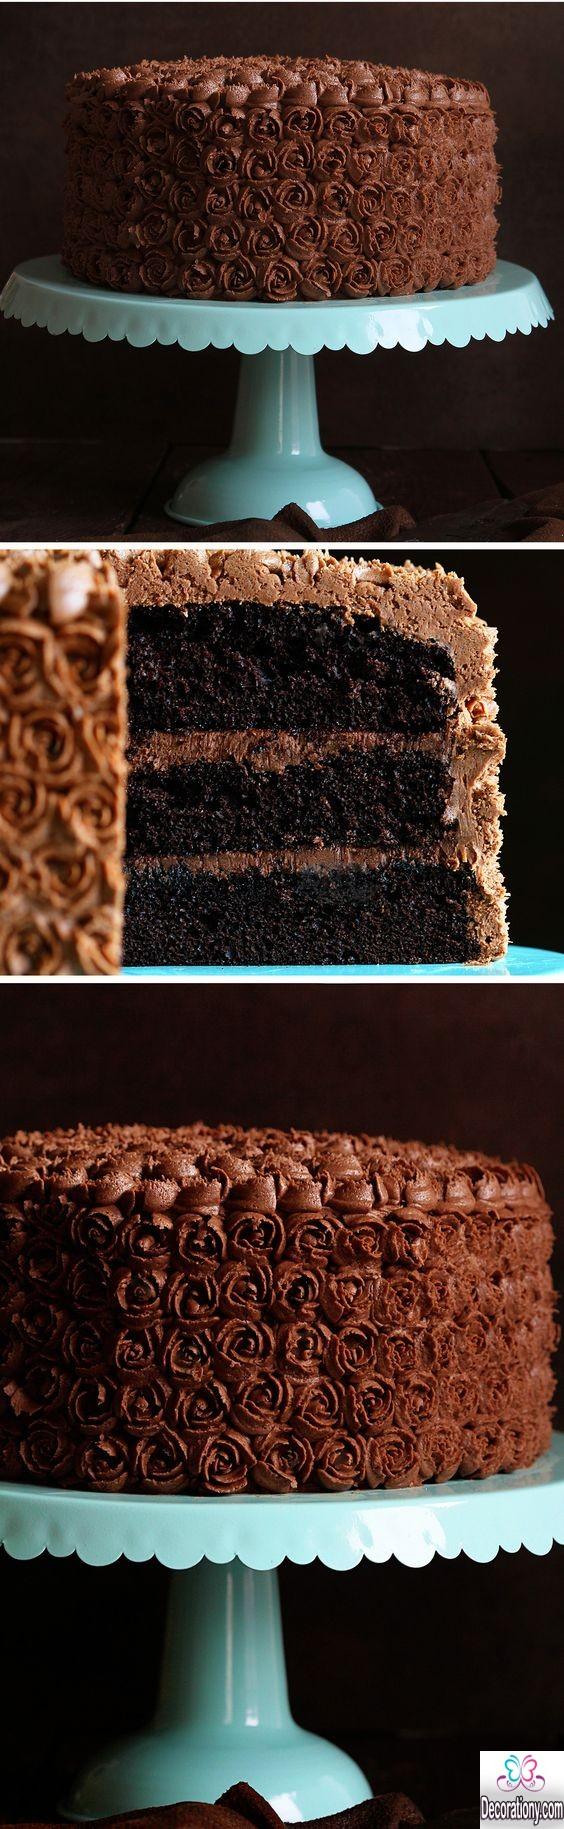 Cacao Cake